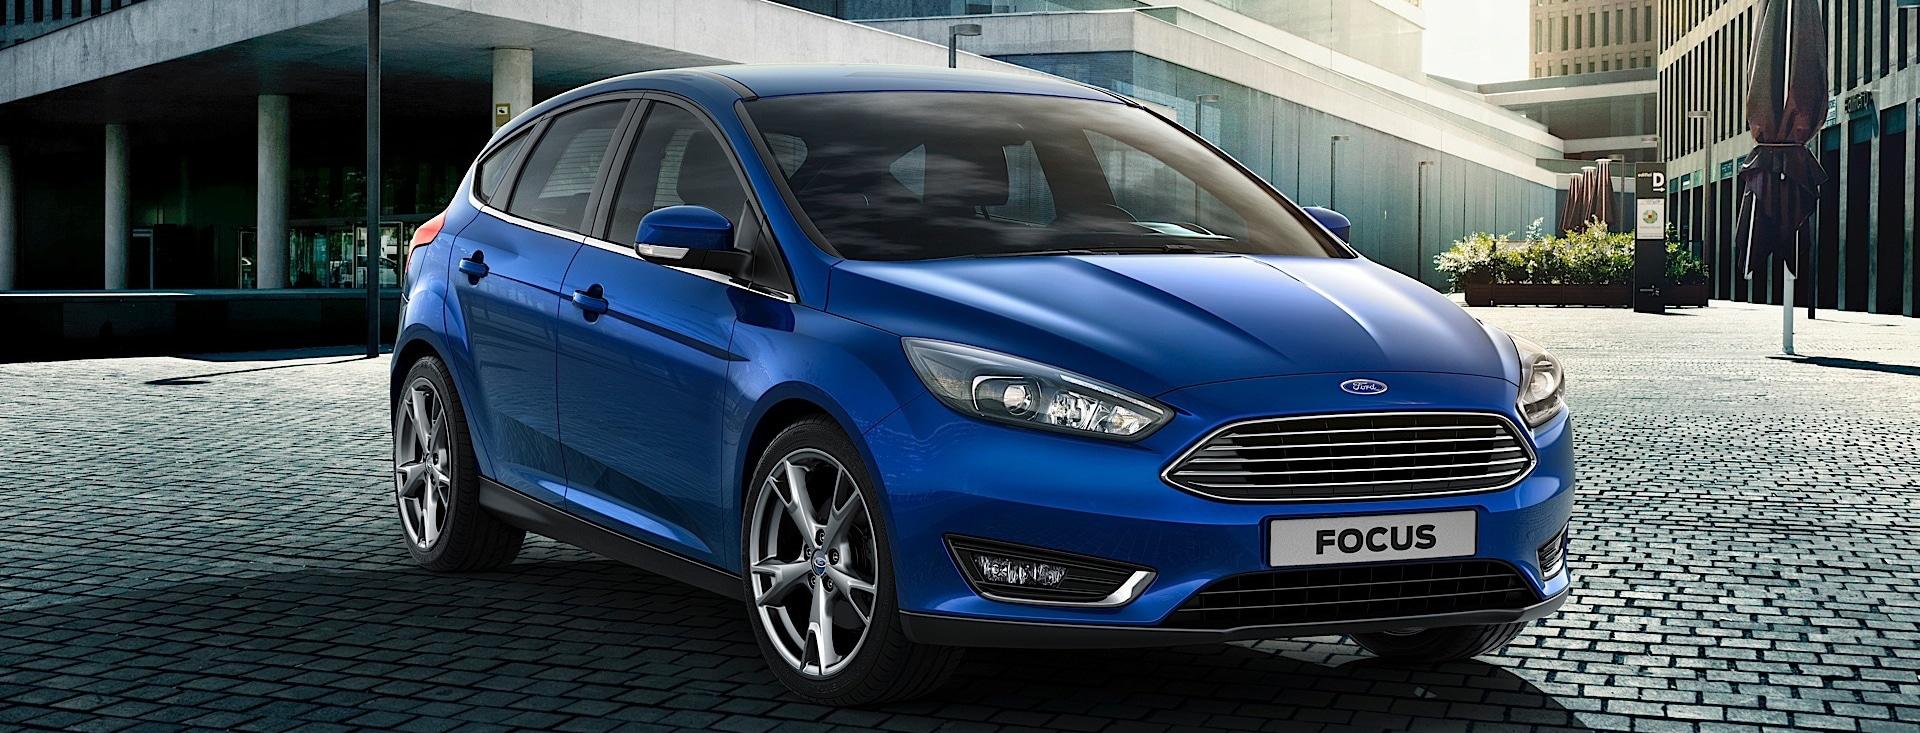 Ford Focus - Ford Bình Dương - Hotline: 0779688799